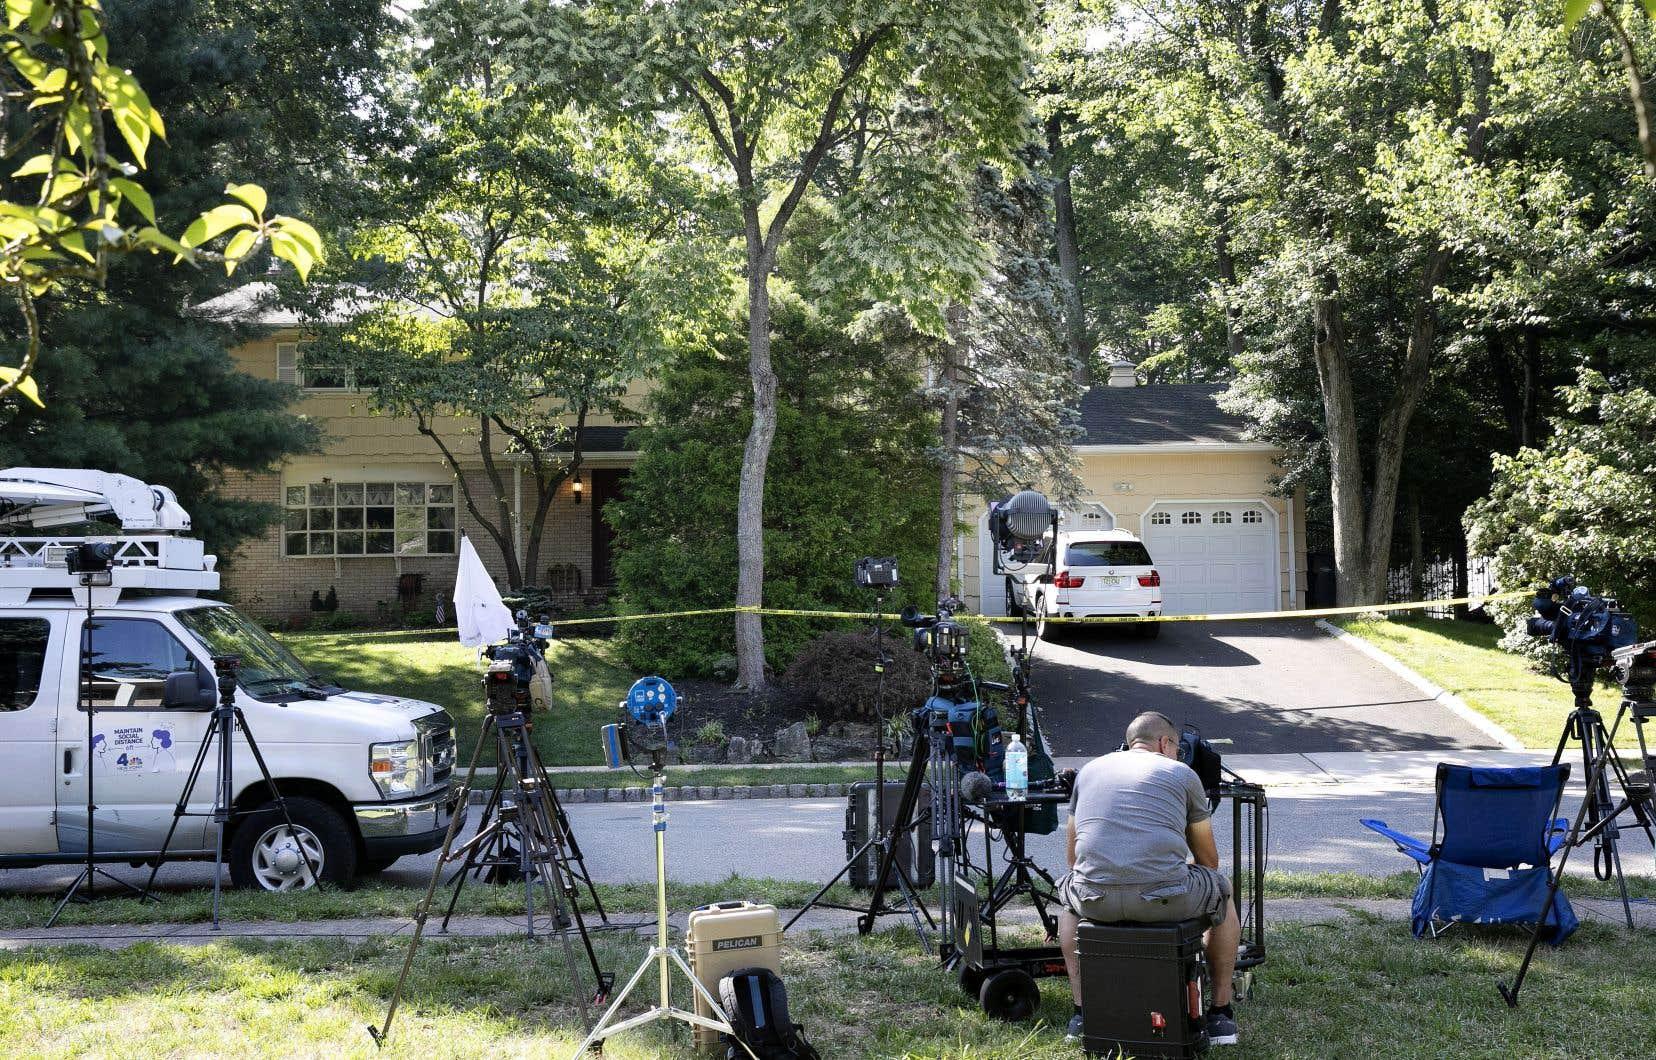 Un homme vêtu d'un uniforme de livreur a tué le fils de la juge américaine Esther Salas et blessé son mari dans leur résidence du New Jersey.